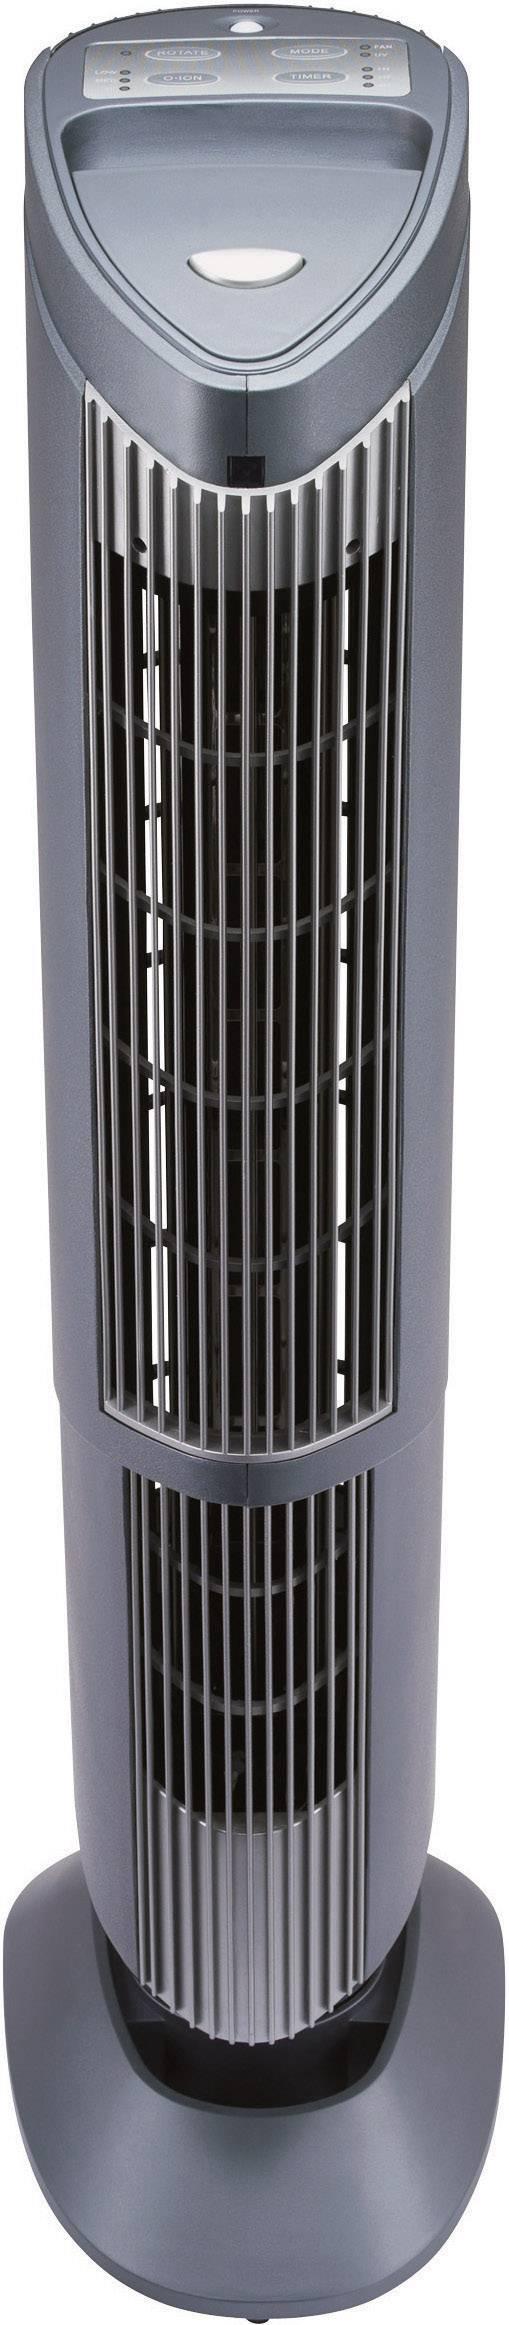 Ionizátor vzduchu s čističkou 560067, 50 m², 25 W, antracitová